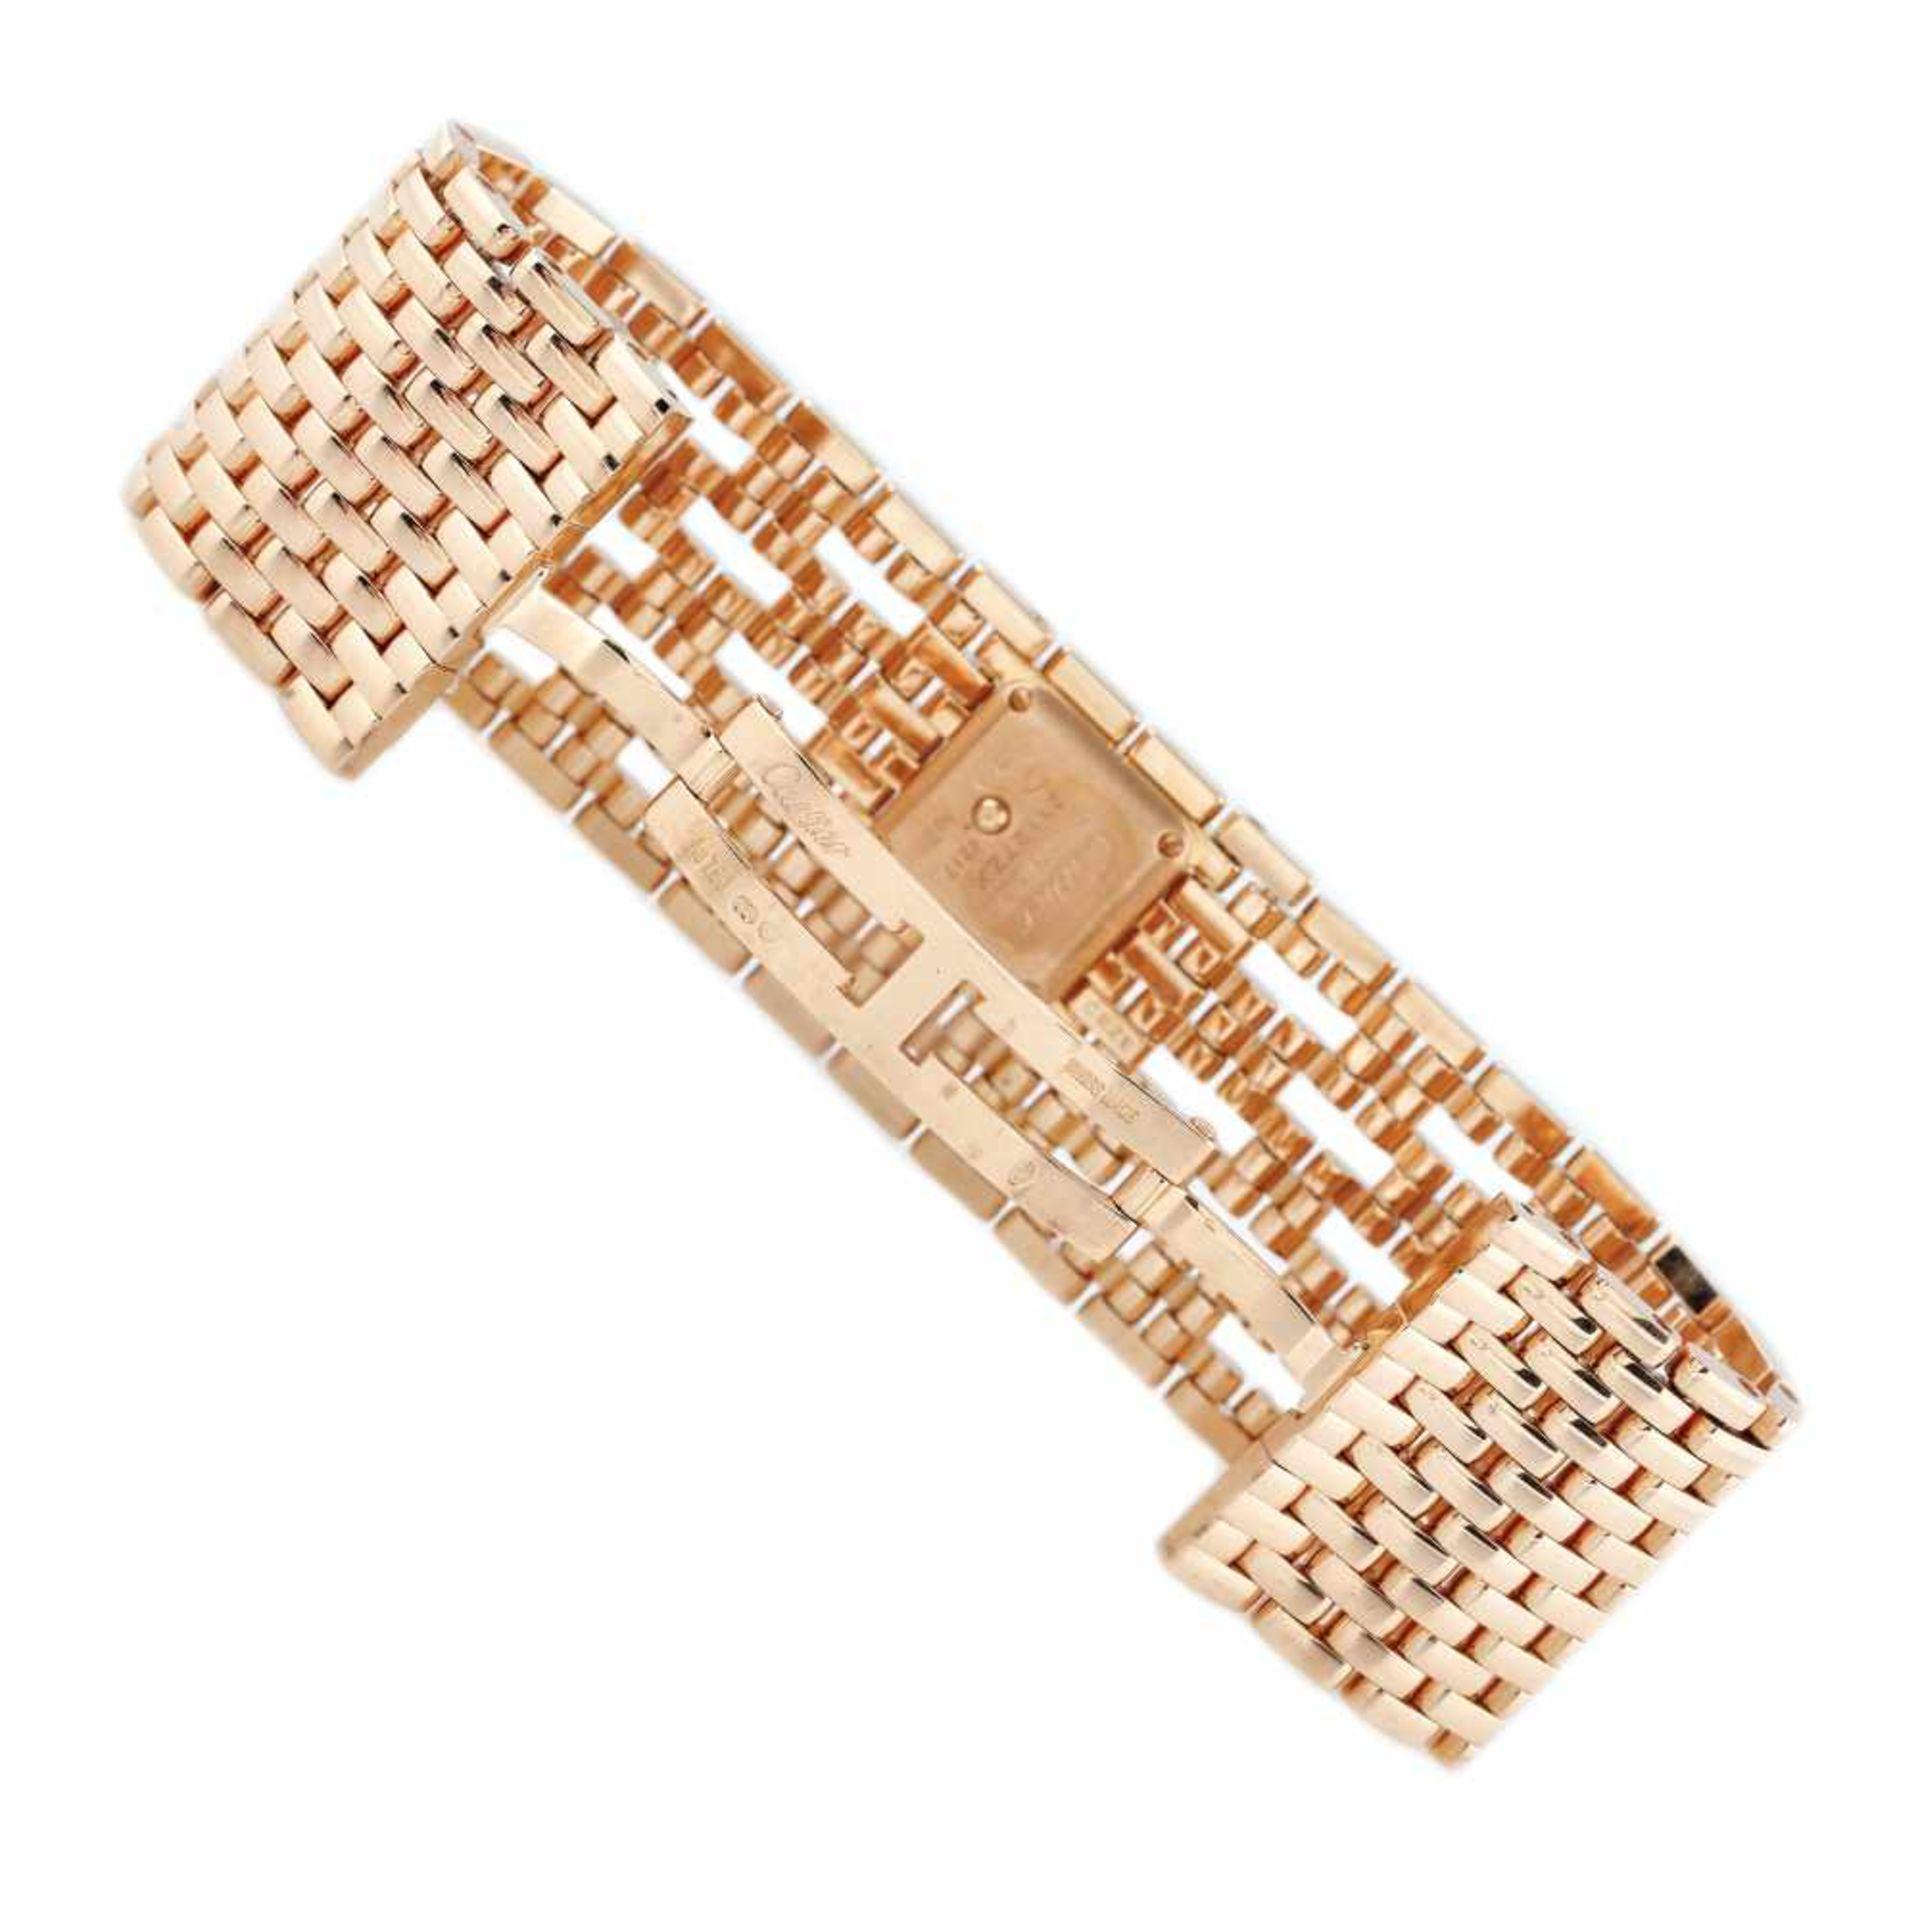 Panthère de Cartier Manchette bracelet watch, rare, gold, women, decorated with diamonds, provenanc - Bild 3 aus 6